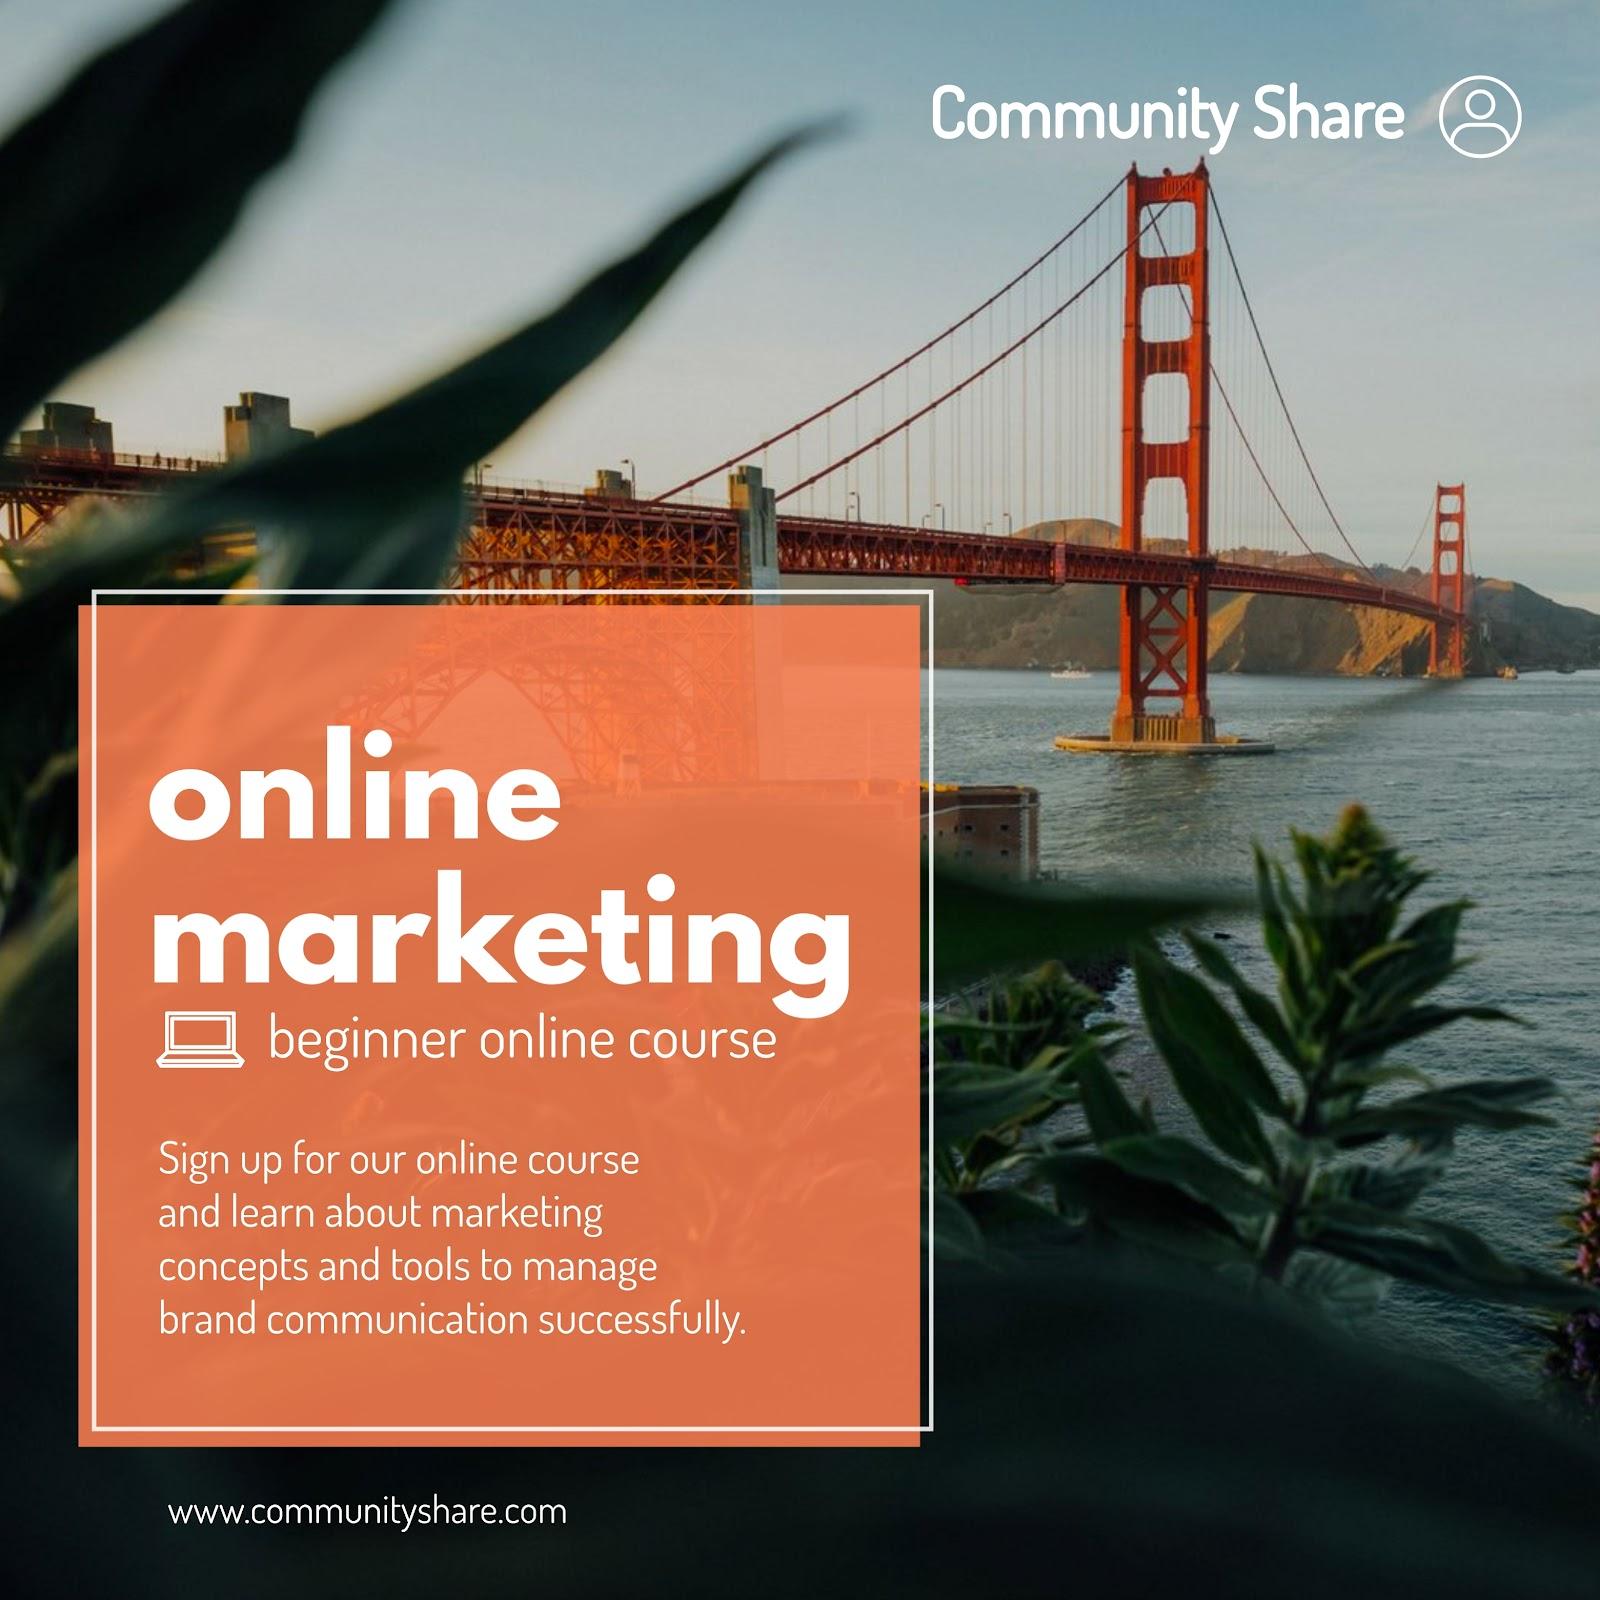 社区共享在线营销形象